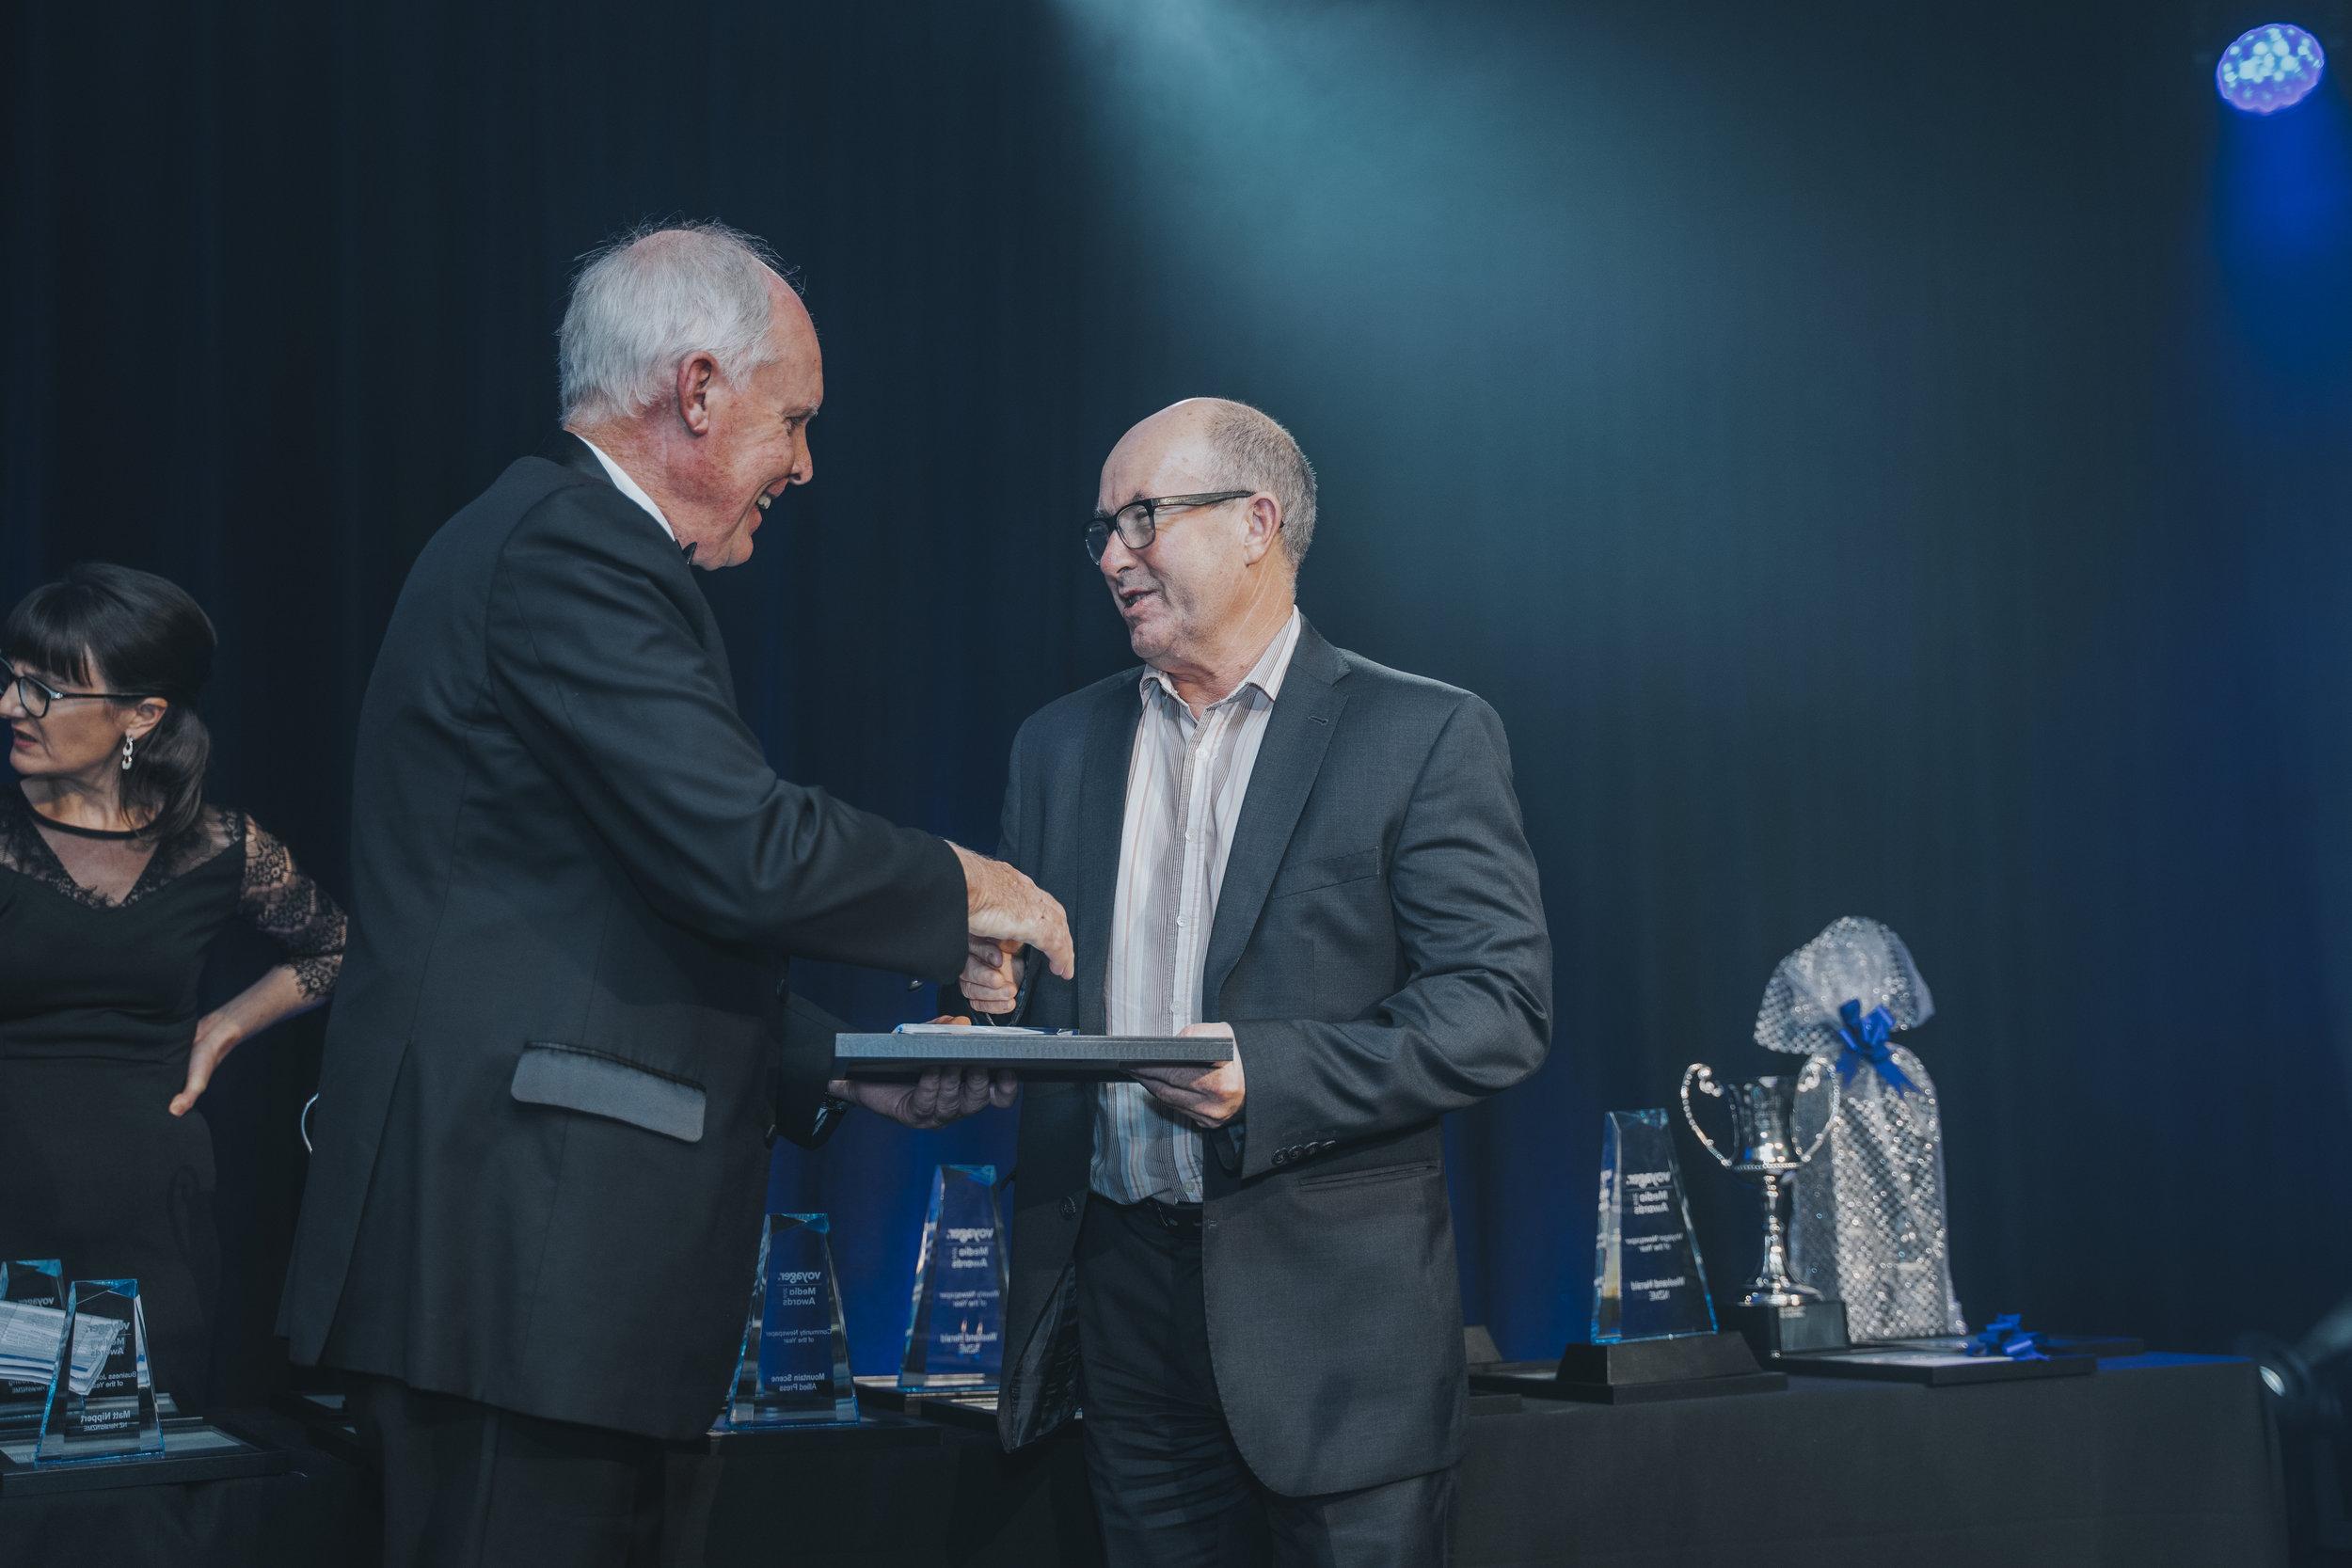 Voyager Media Awards 2018-326.JPG